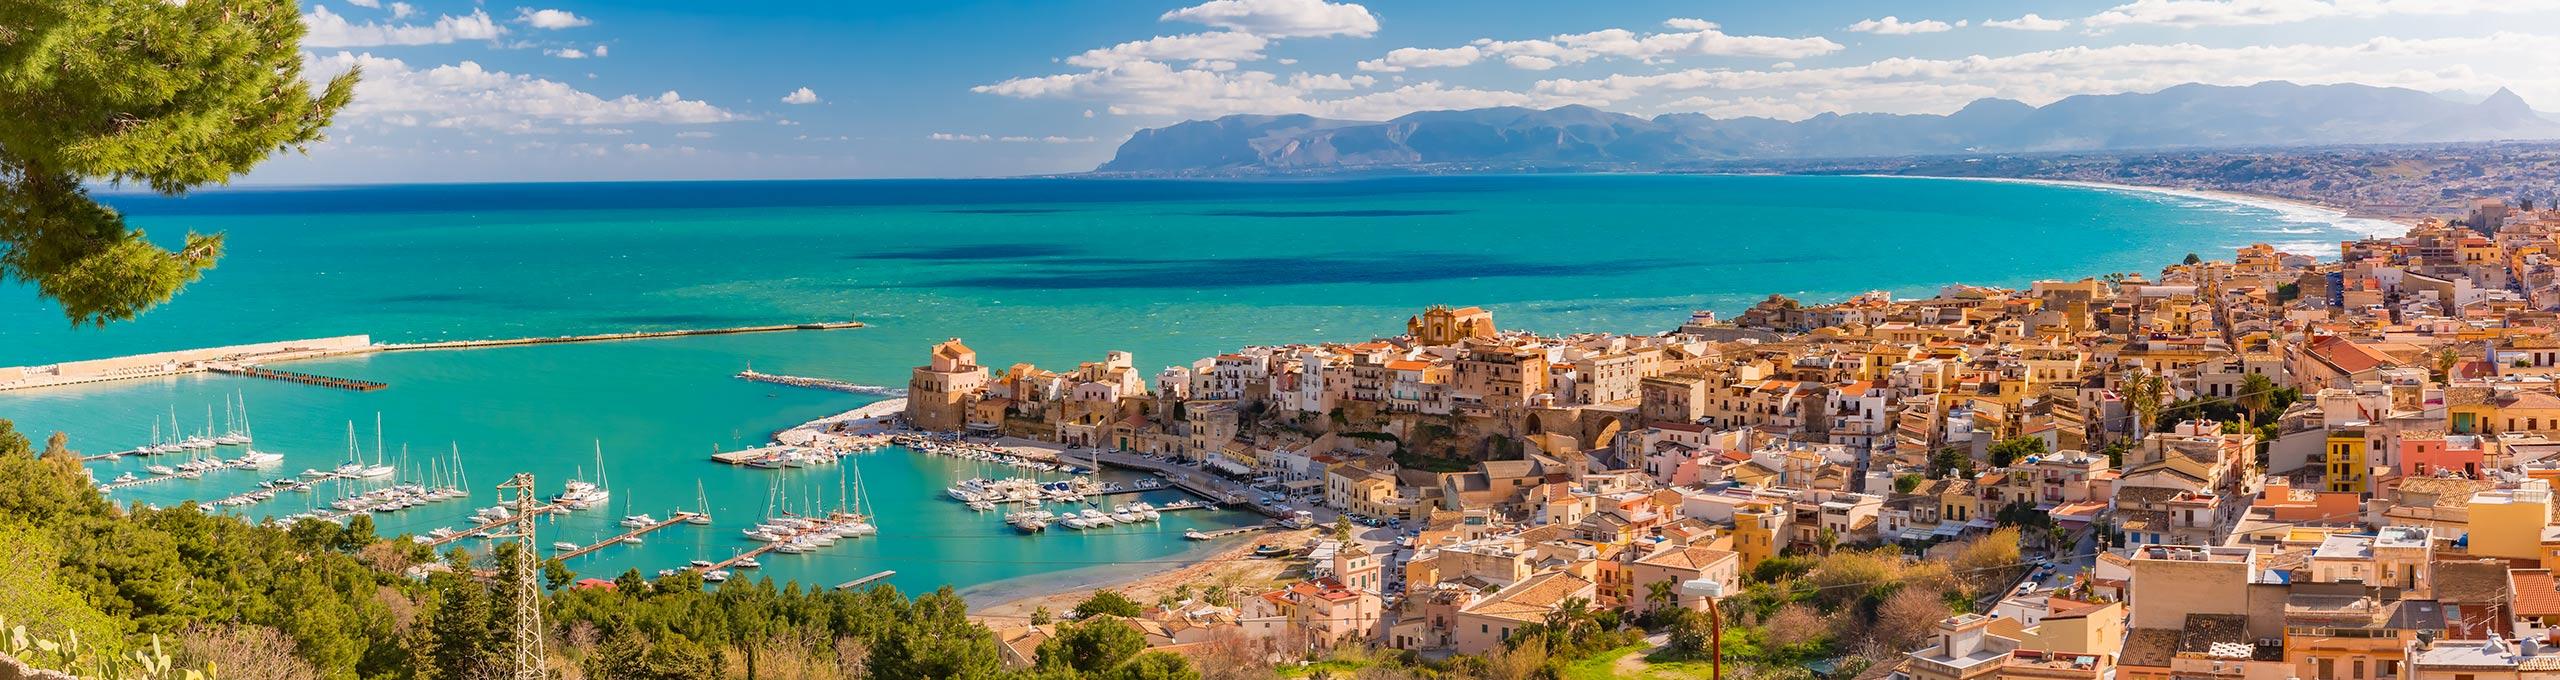 Cala Marina, Golfo di Castellammare